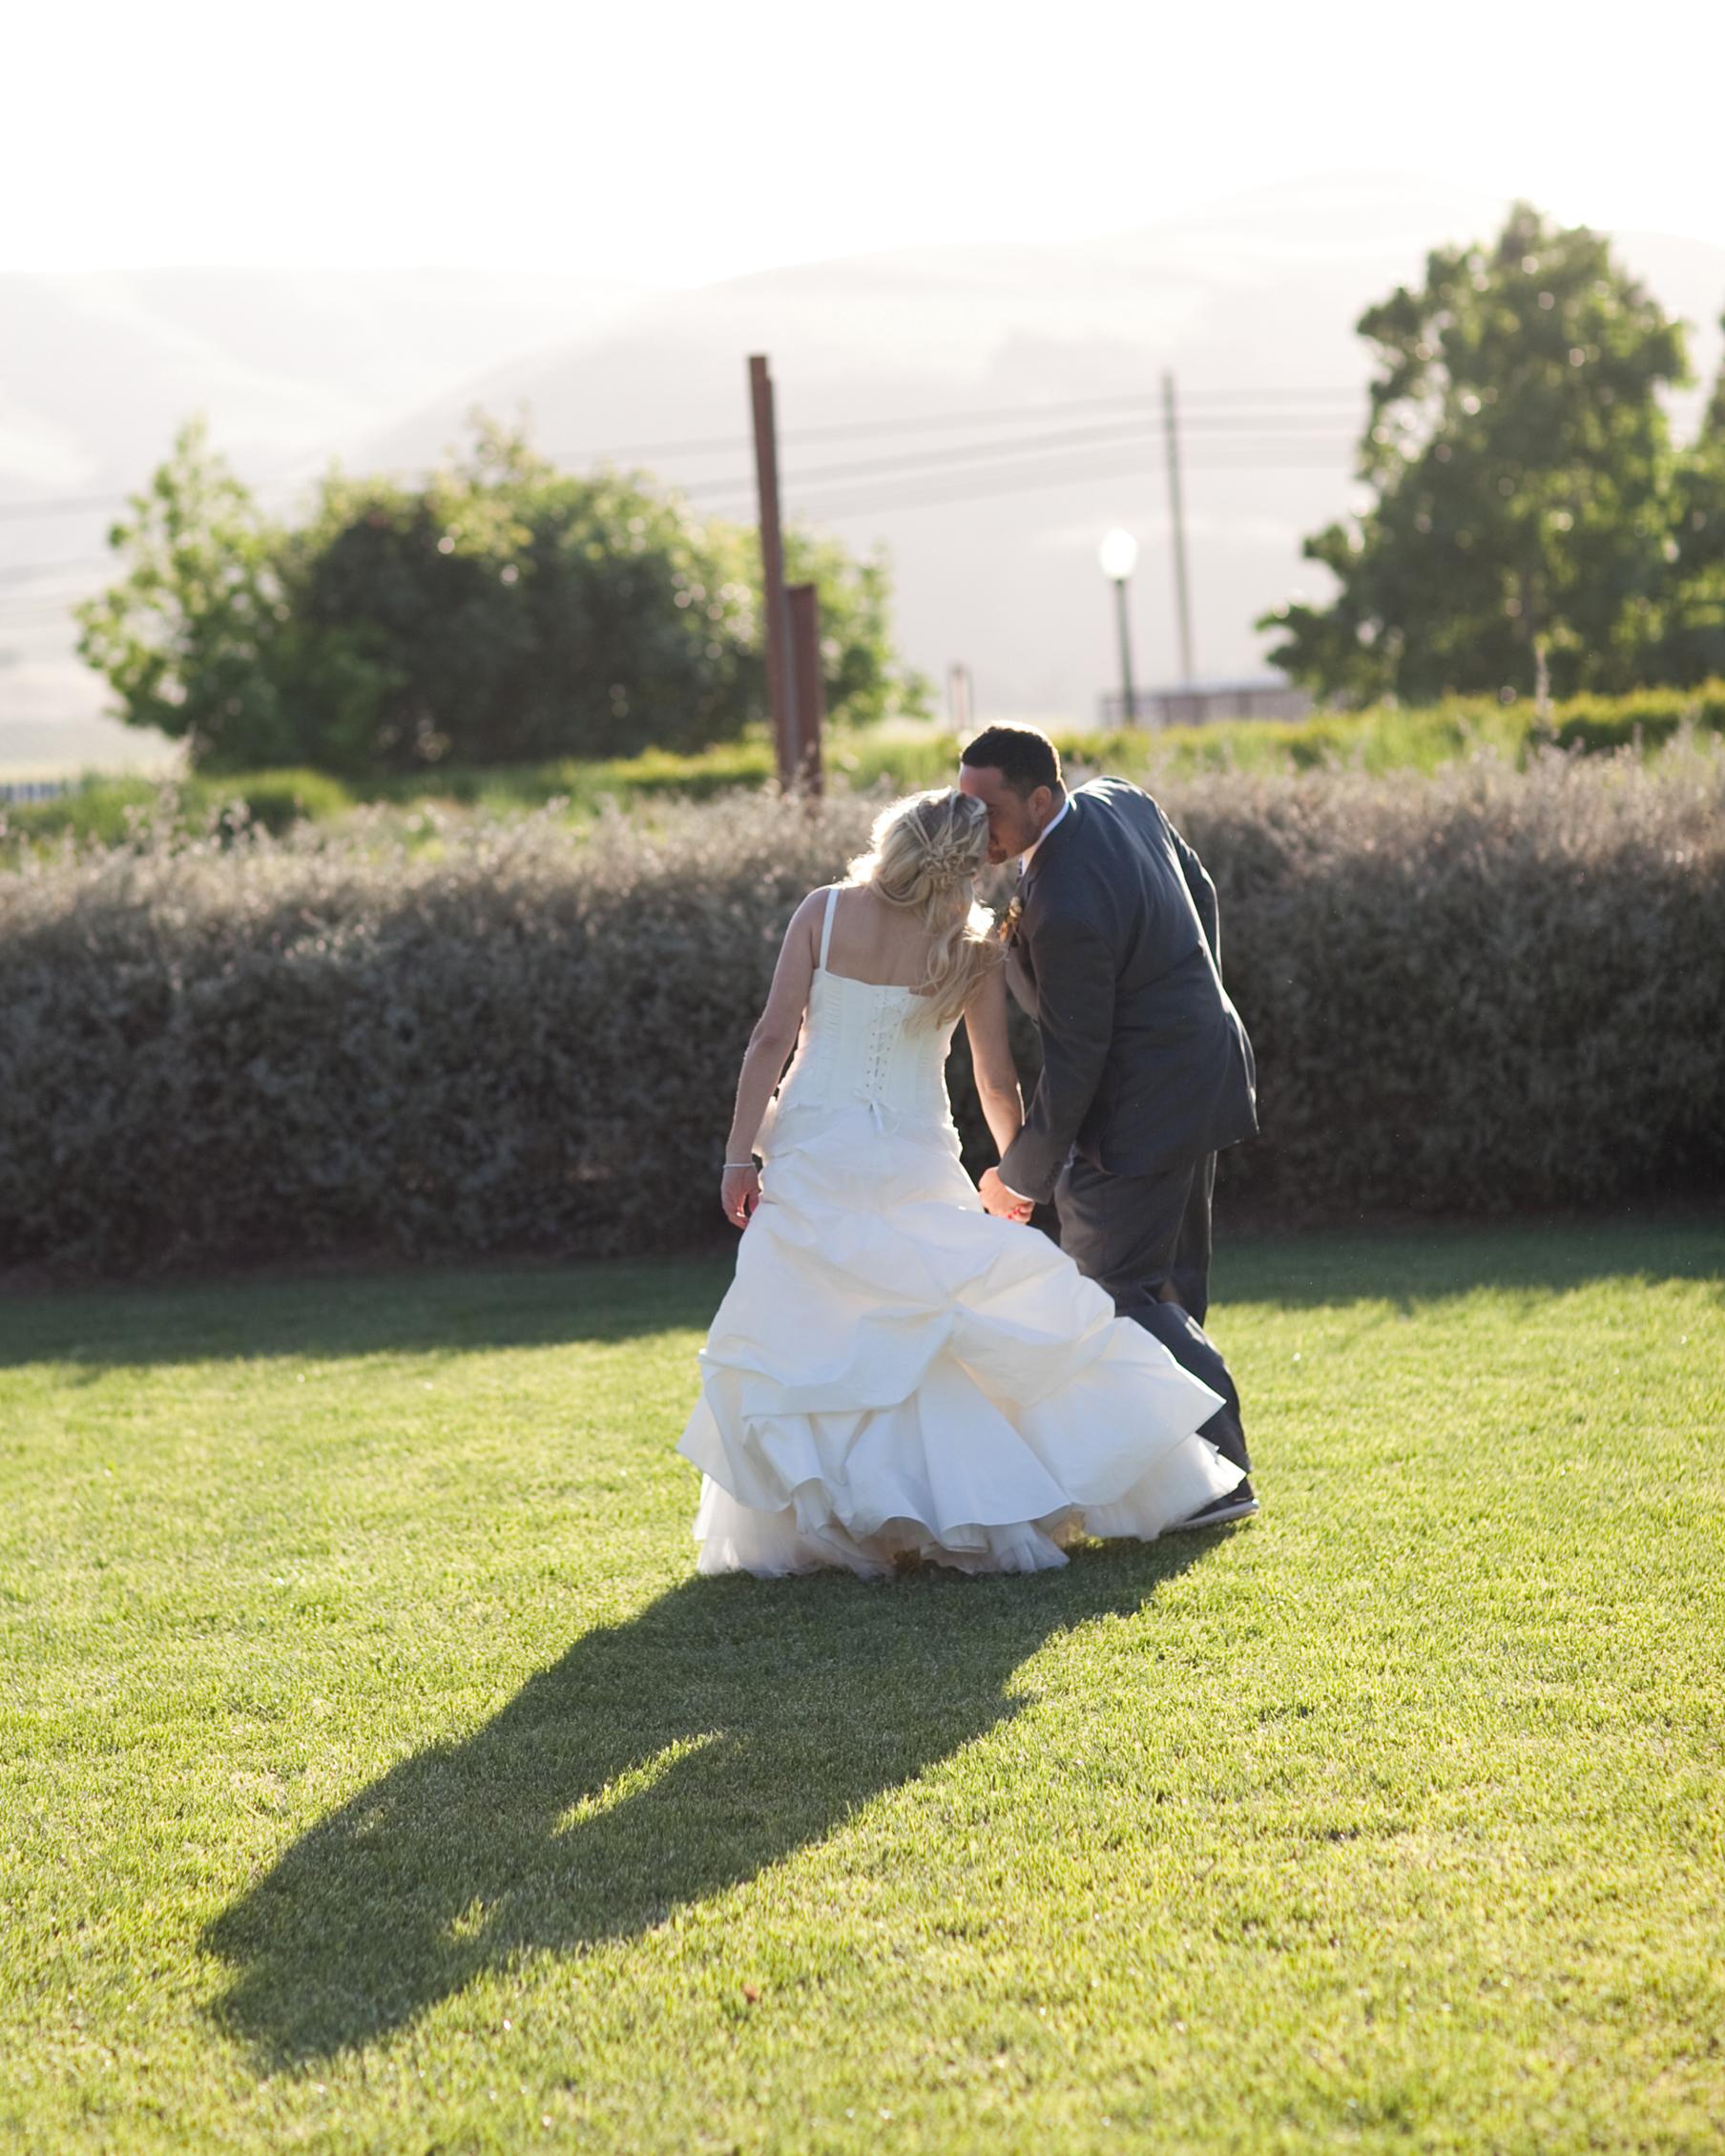 real-weddings-jen-ben-0811-466.jpg